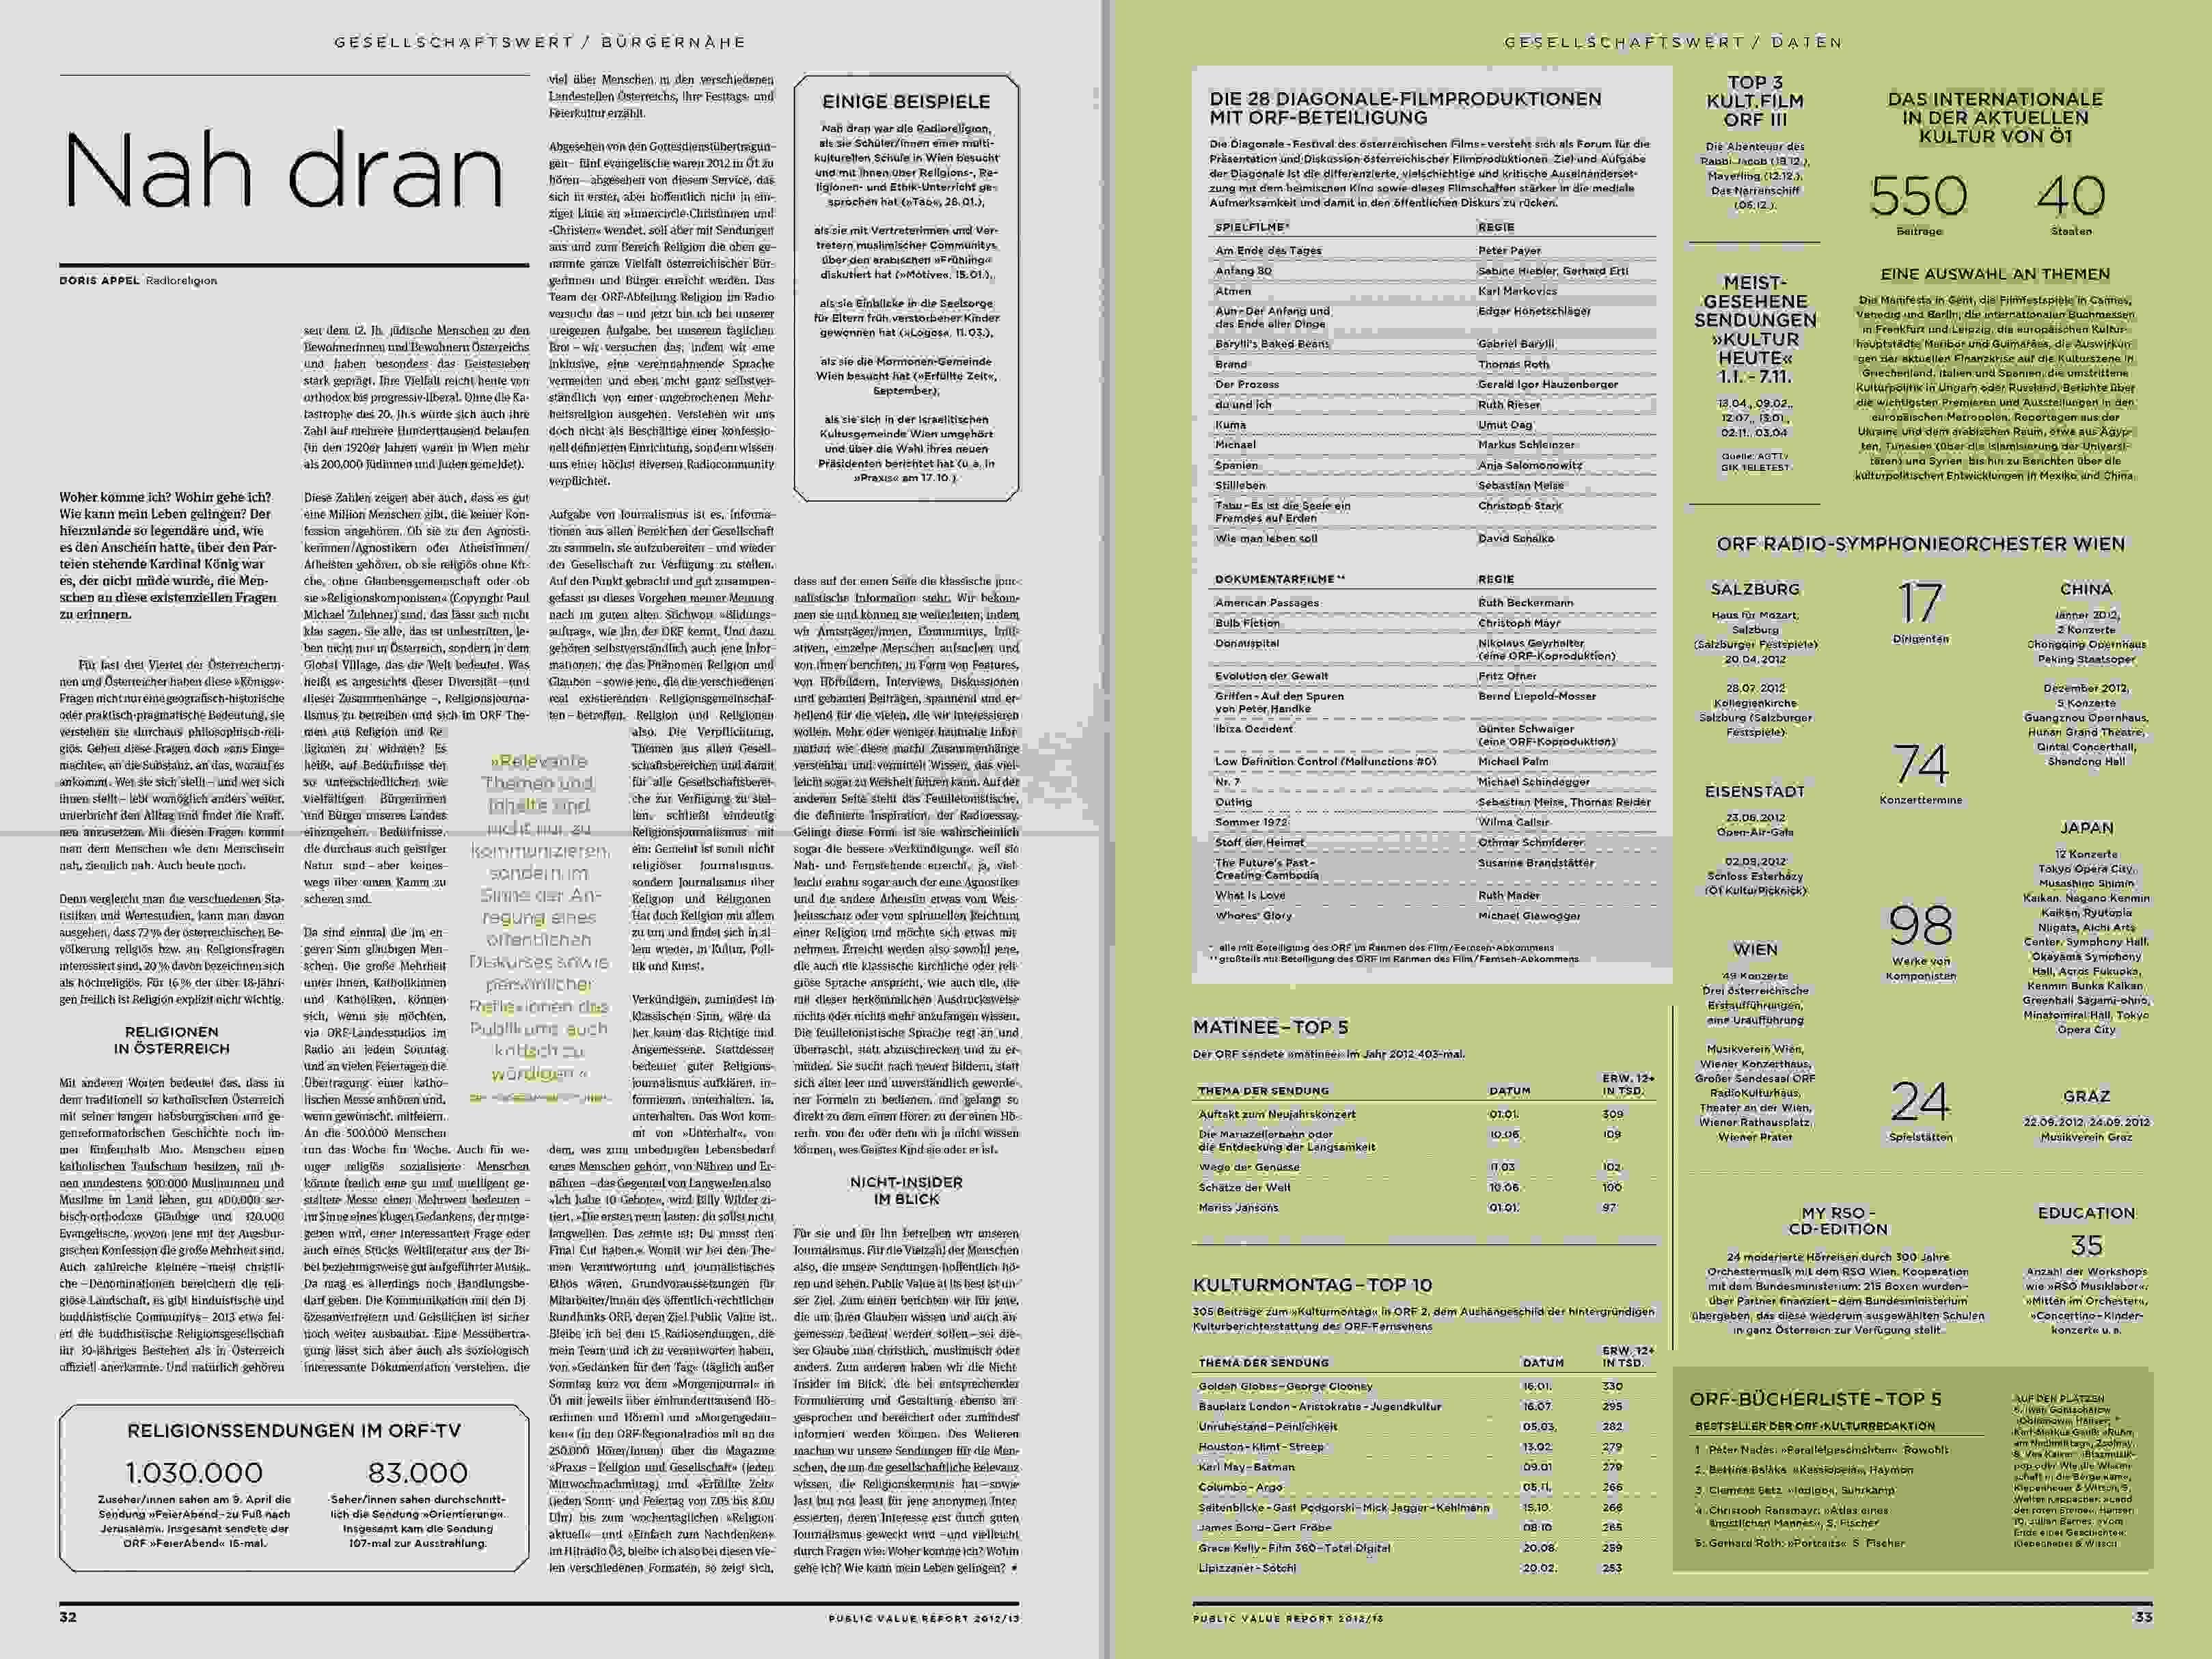 ORF PV 13 flat Dummy Zeitung Doppelseite 11